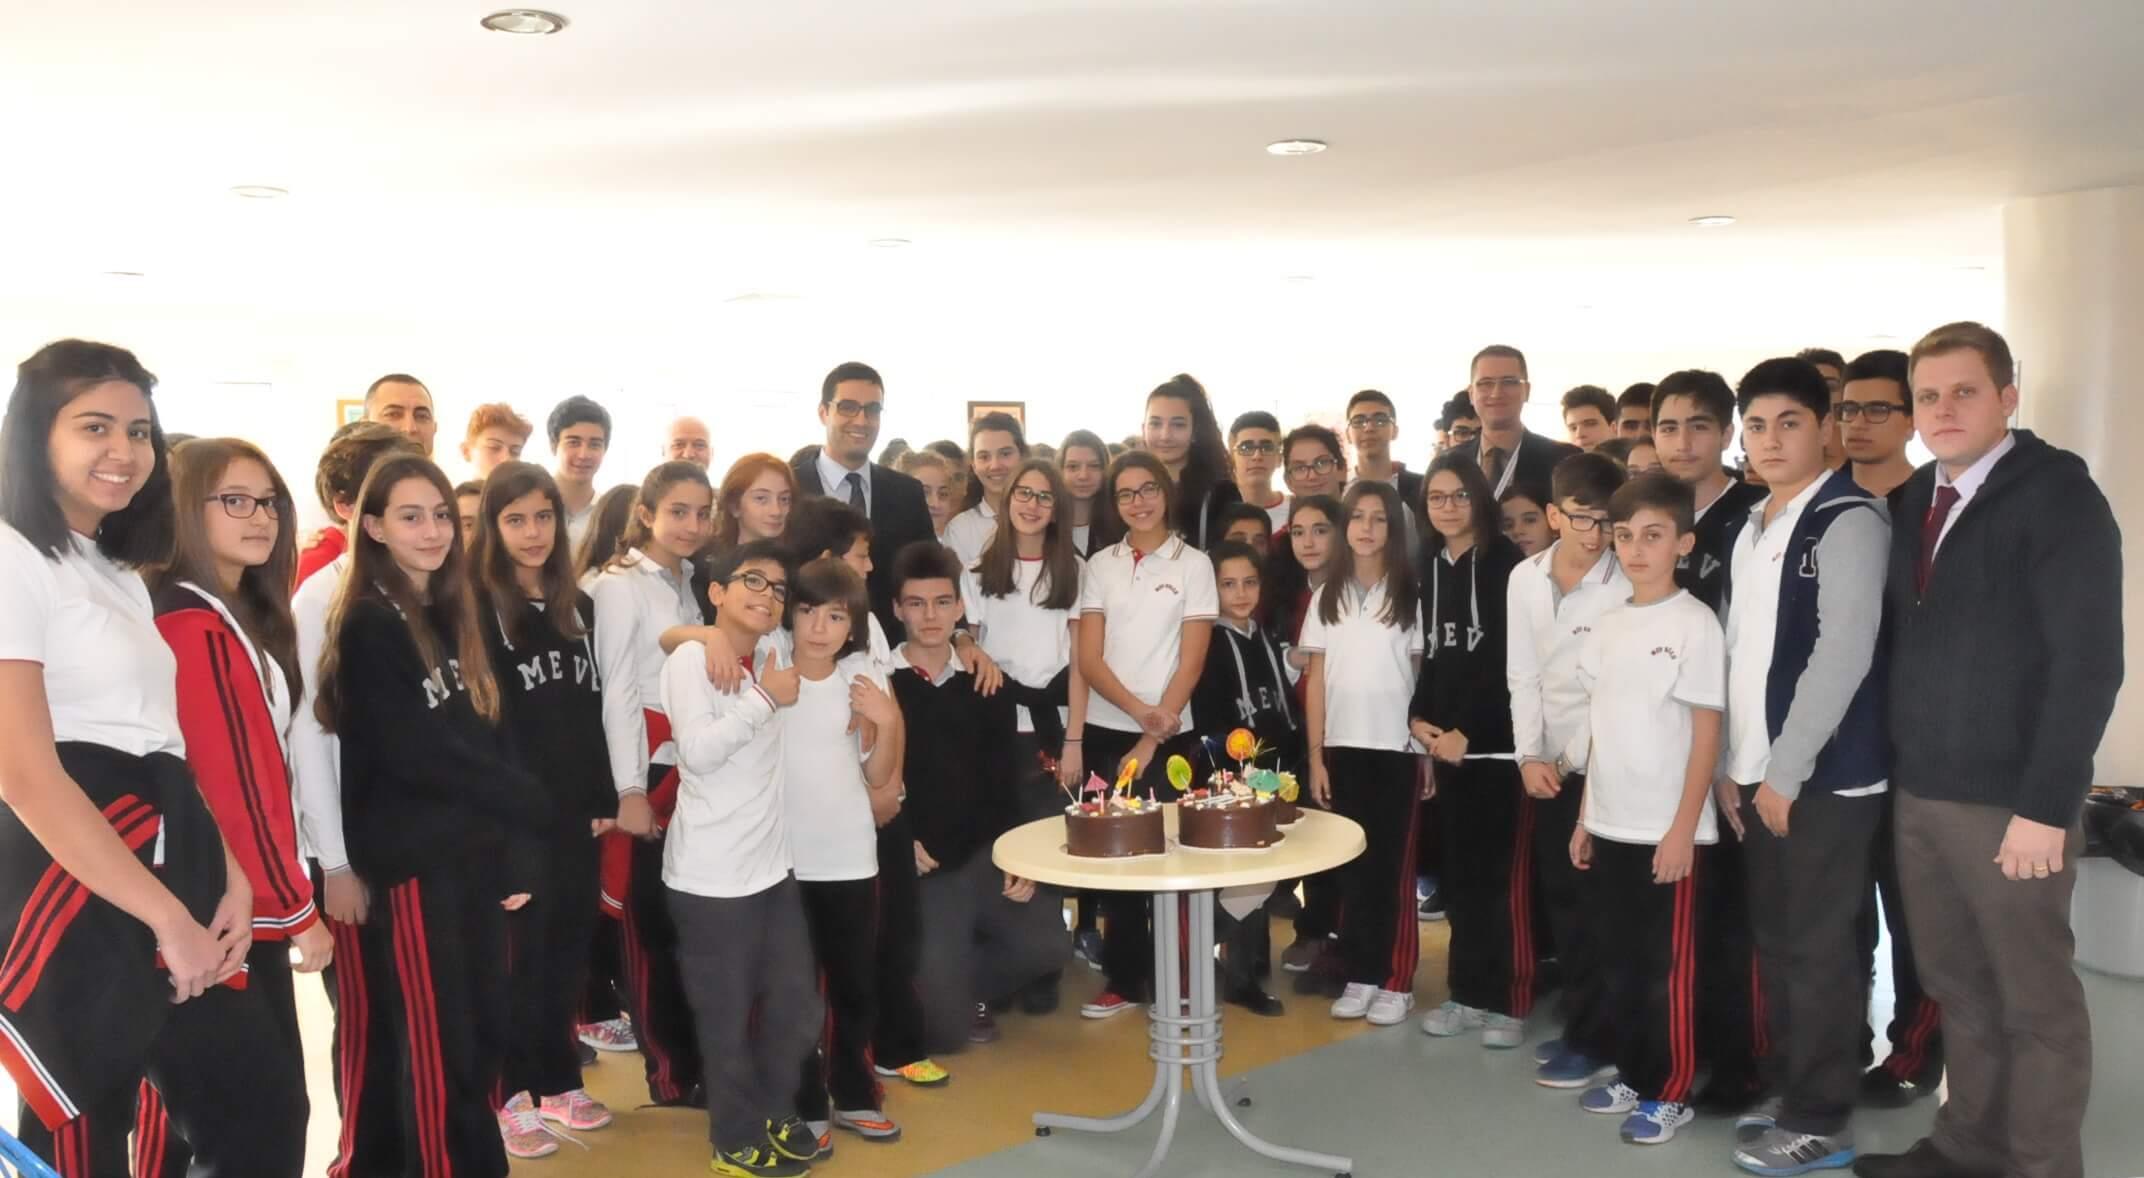 MEV Atatürk Gençlerinin 10 Kasım Atatürk'ü Anma Programında Gösterdikleri Güzel Emekler İçin Kutlama Pastası Kesildi